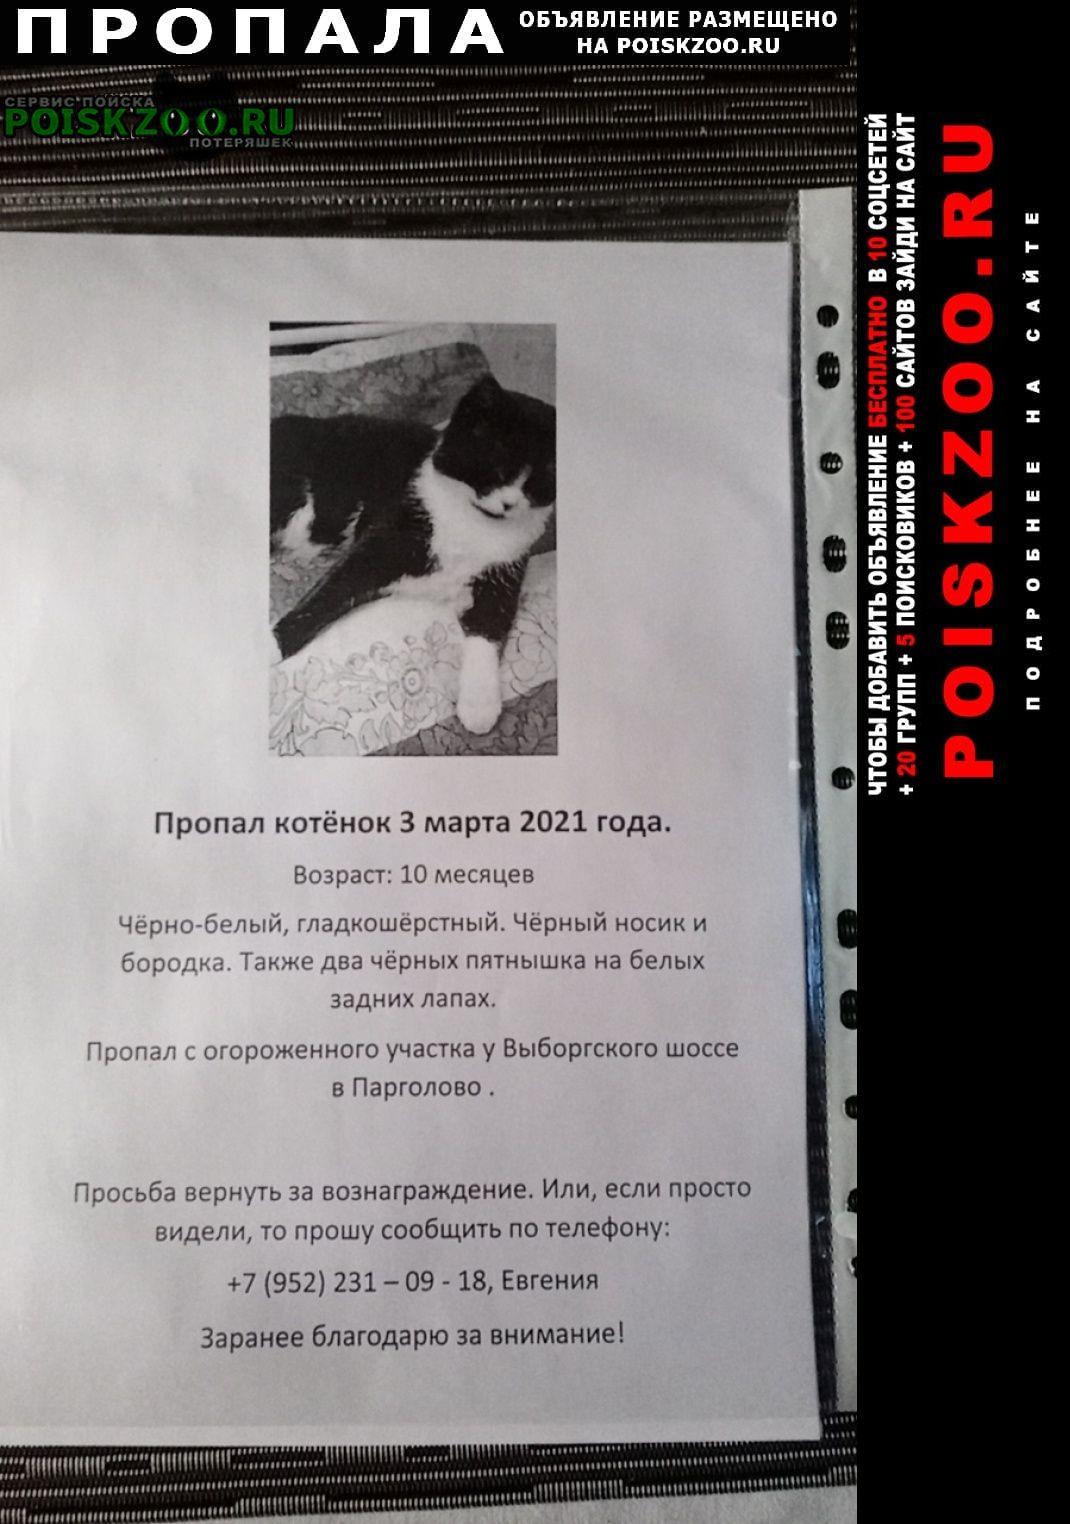 Пропал кот парголово Санкт-Петербург